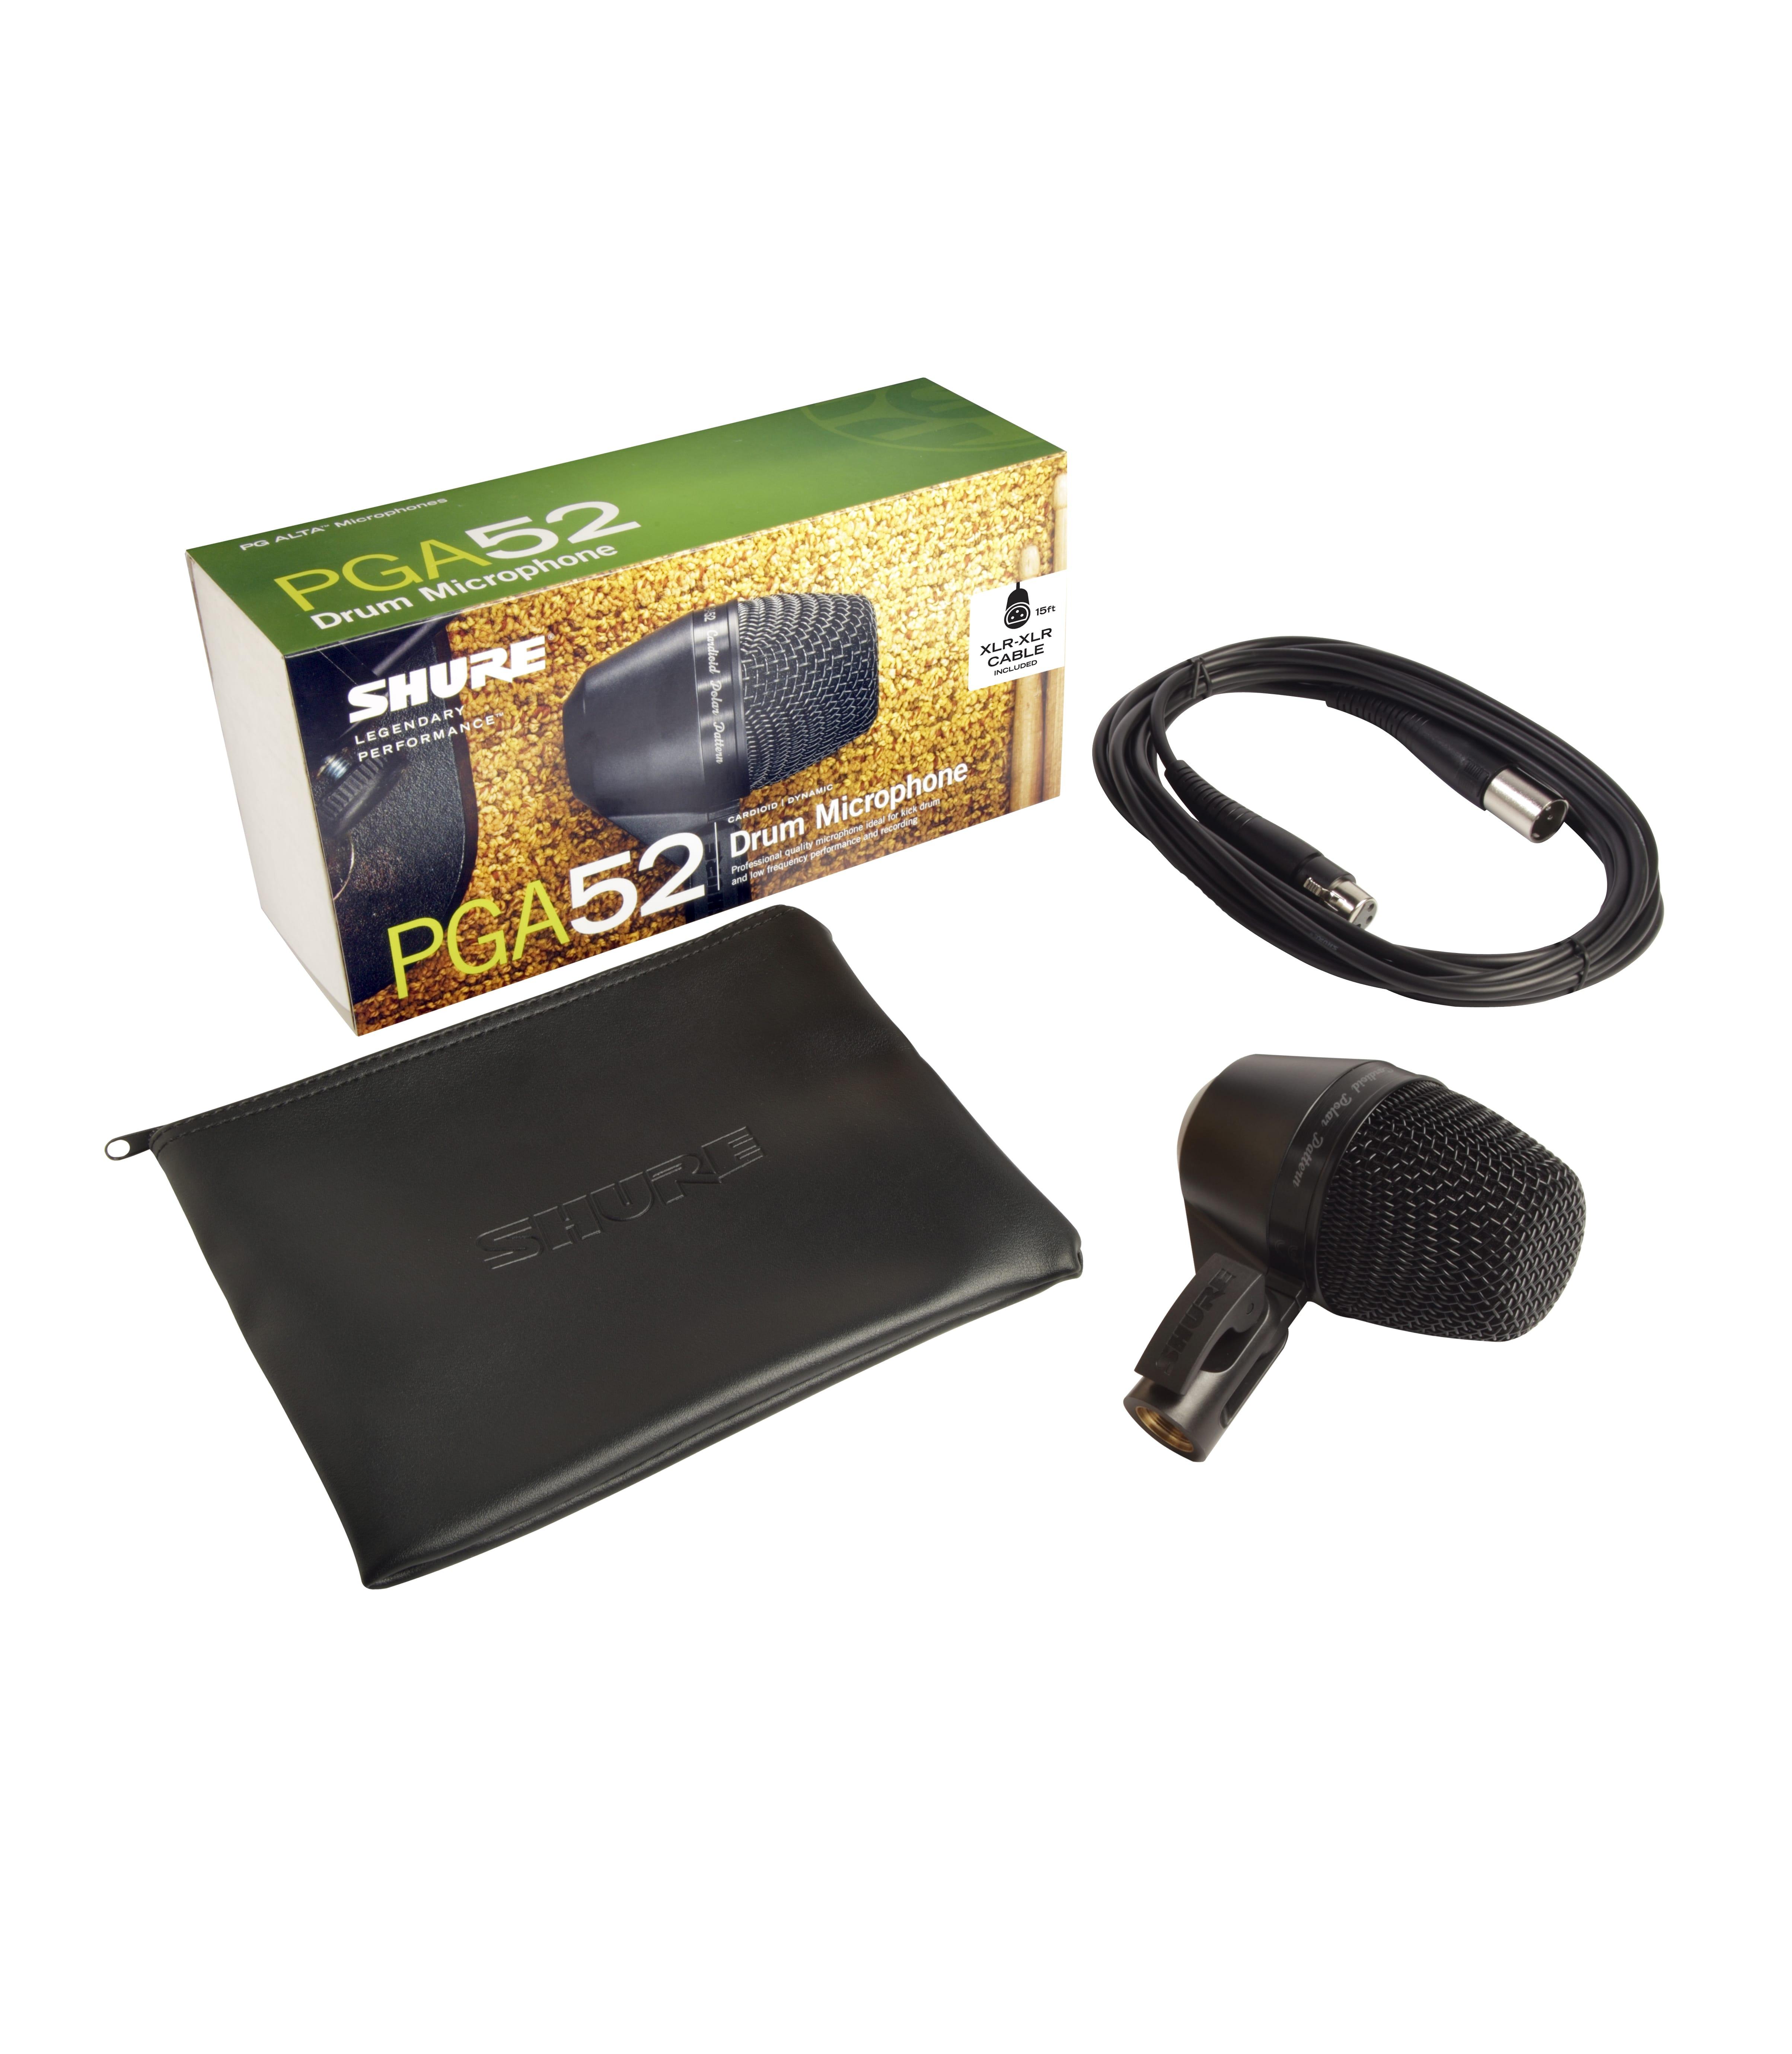 PGA52 XLR KICK DRUM MIC W 15FT XLR CABLE - Buy Online